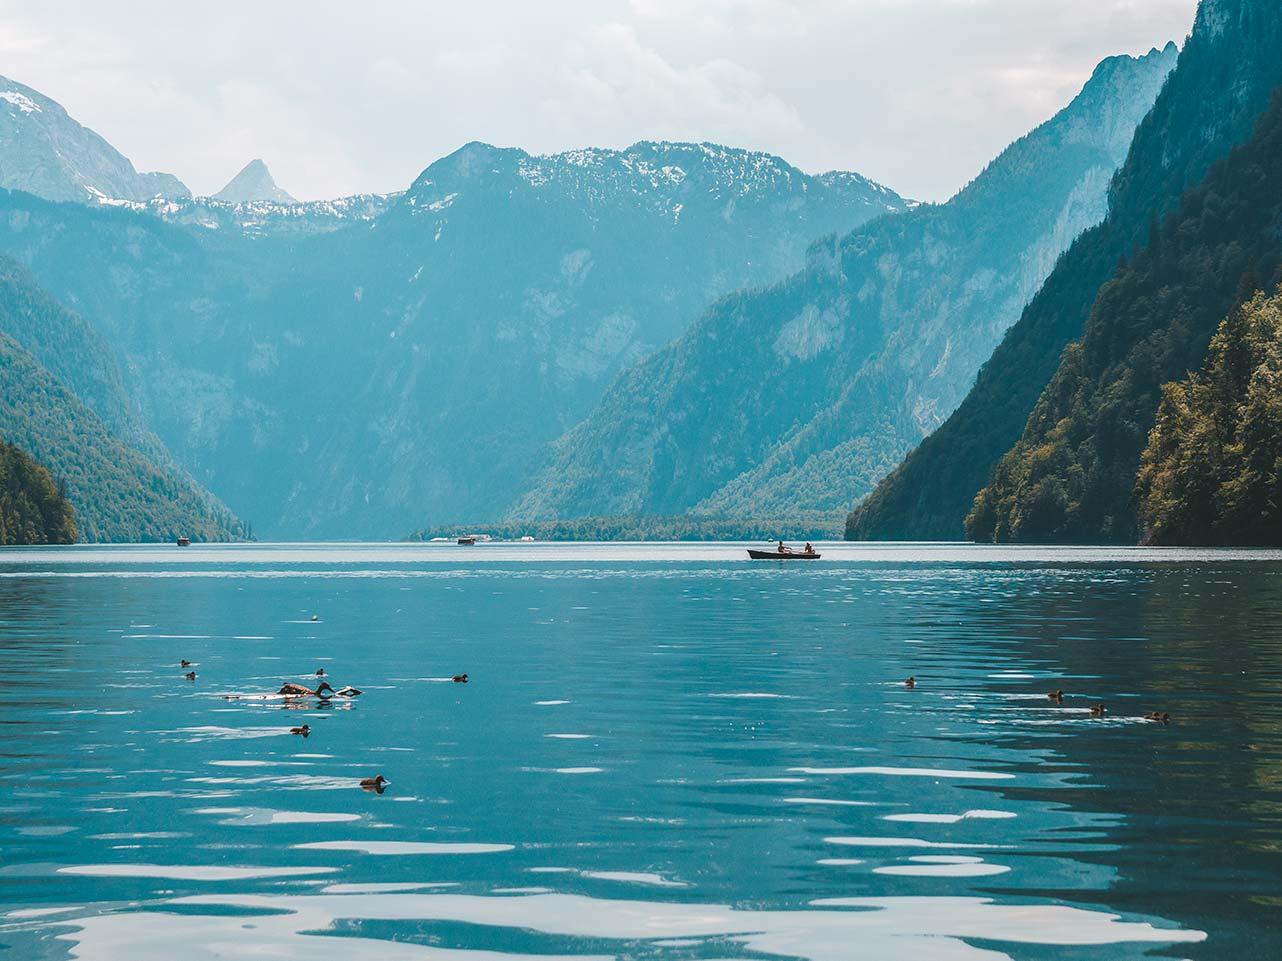 Enten, Babyenten und ein Kanu auf dem Königssee